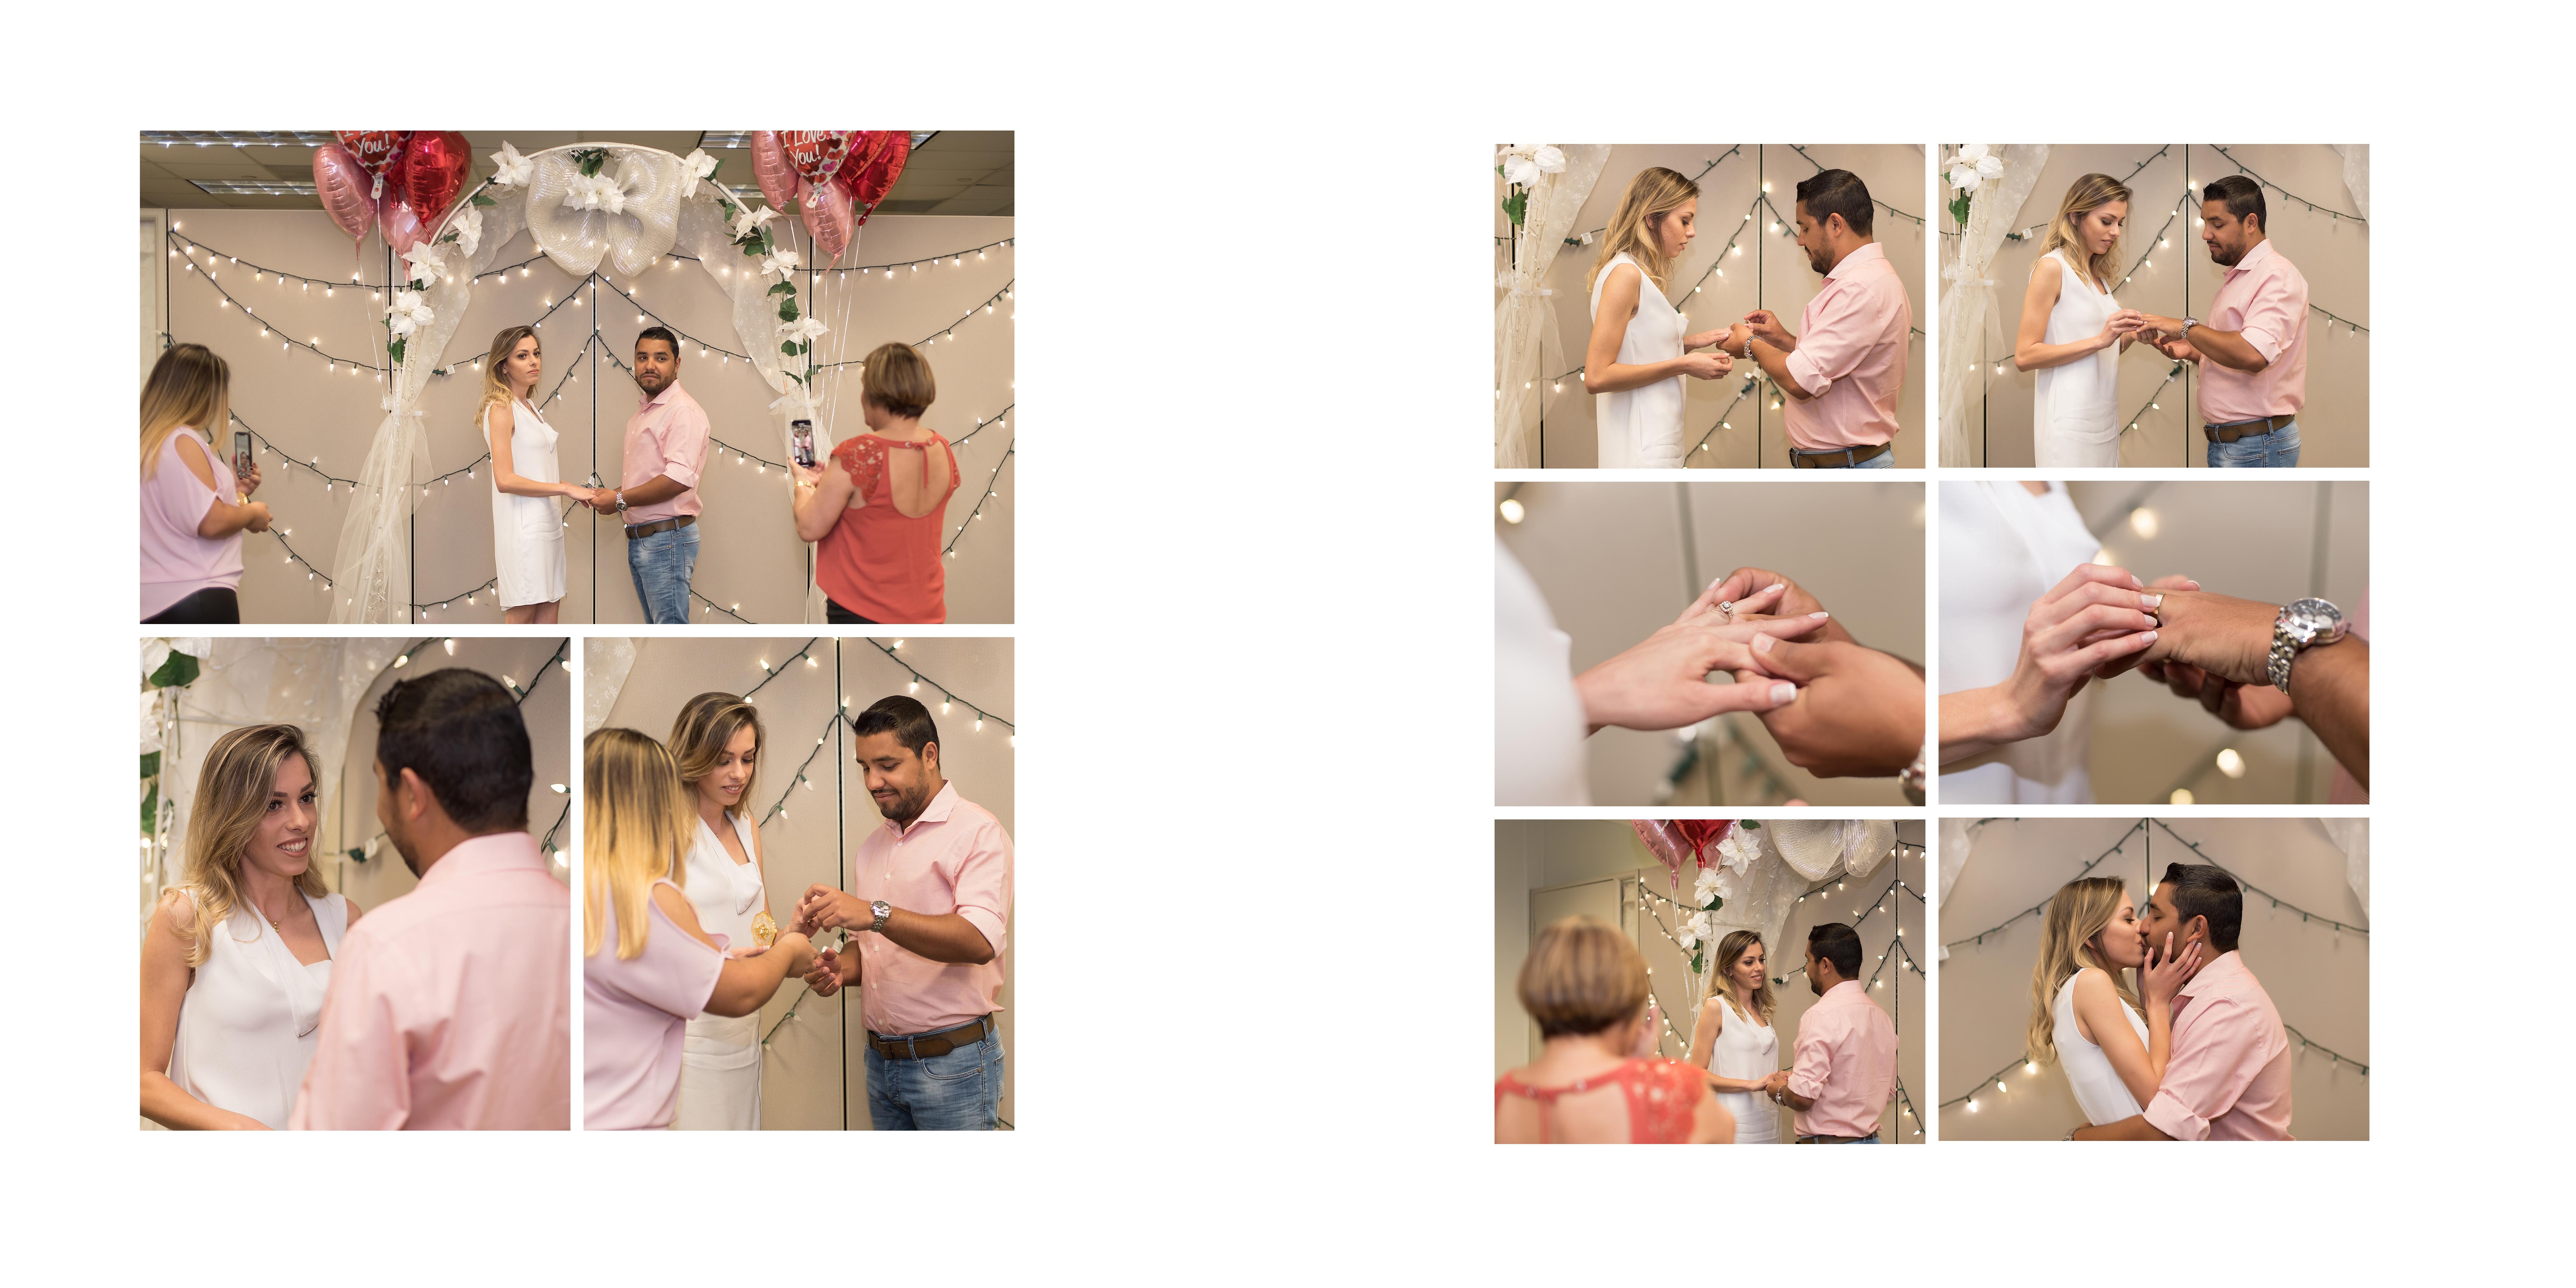 Álbum Rafaela & Matheus 005 (Sides 9-10)